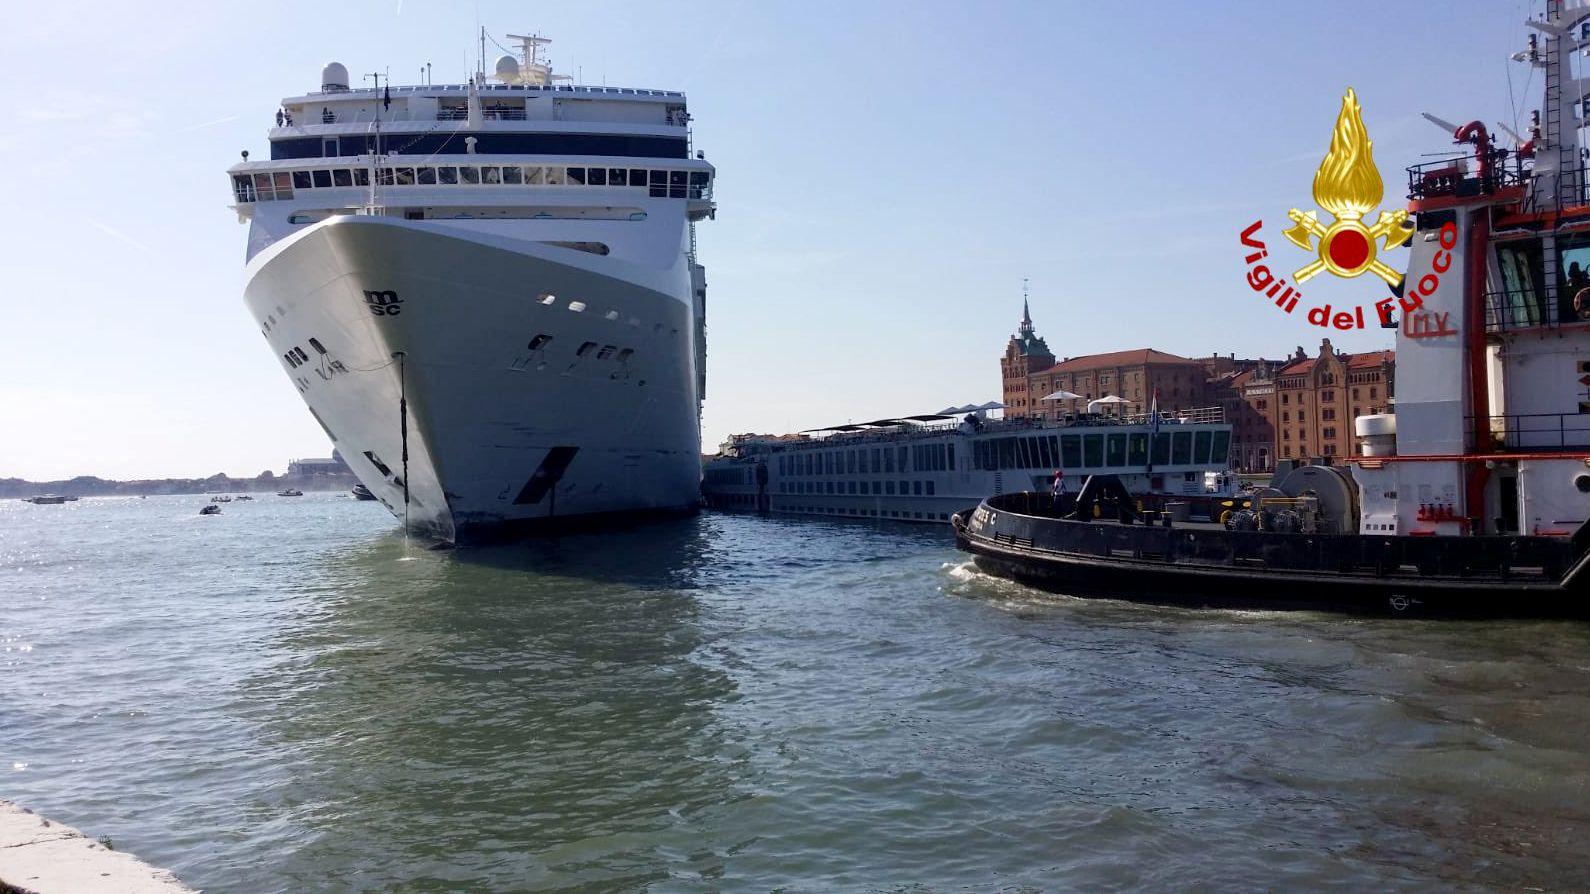 """Das Kreuzfahrtschiff """"Msc Opera"""" ist am 2. Juni im Kanal von Giudecca in Venedig mit  einem Touristenboot zusammengestoßen."""